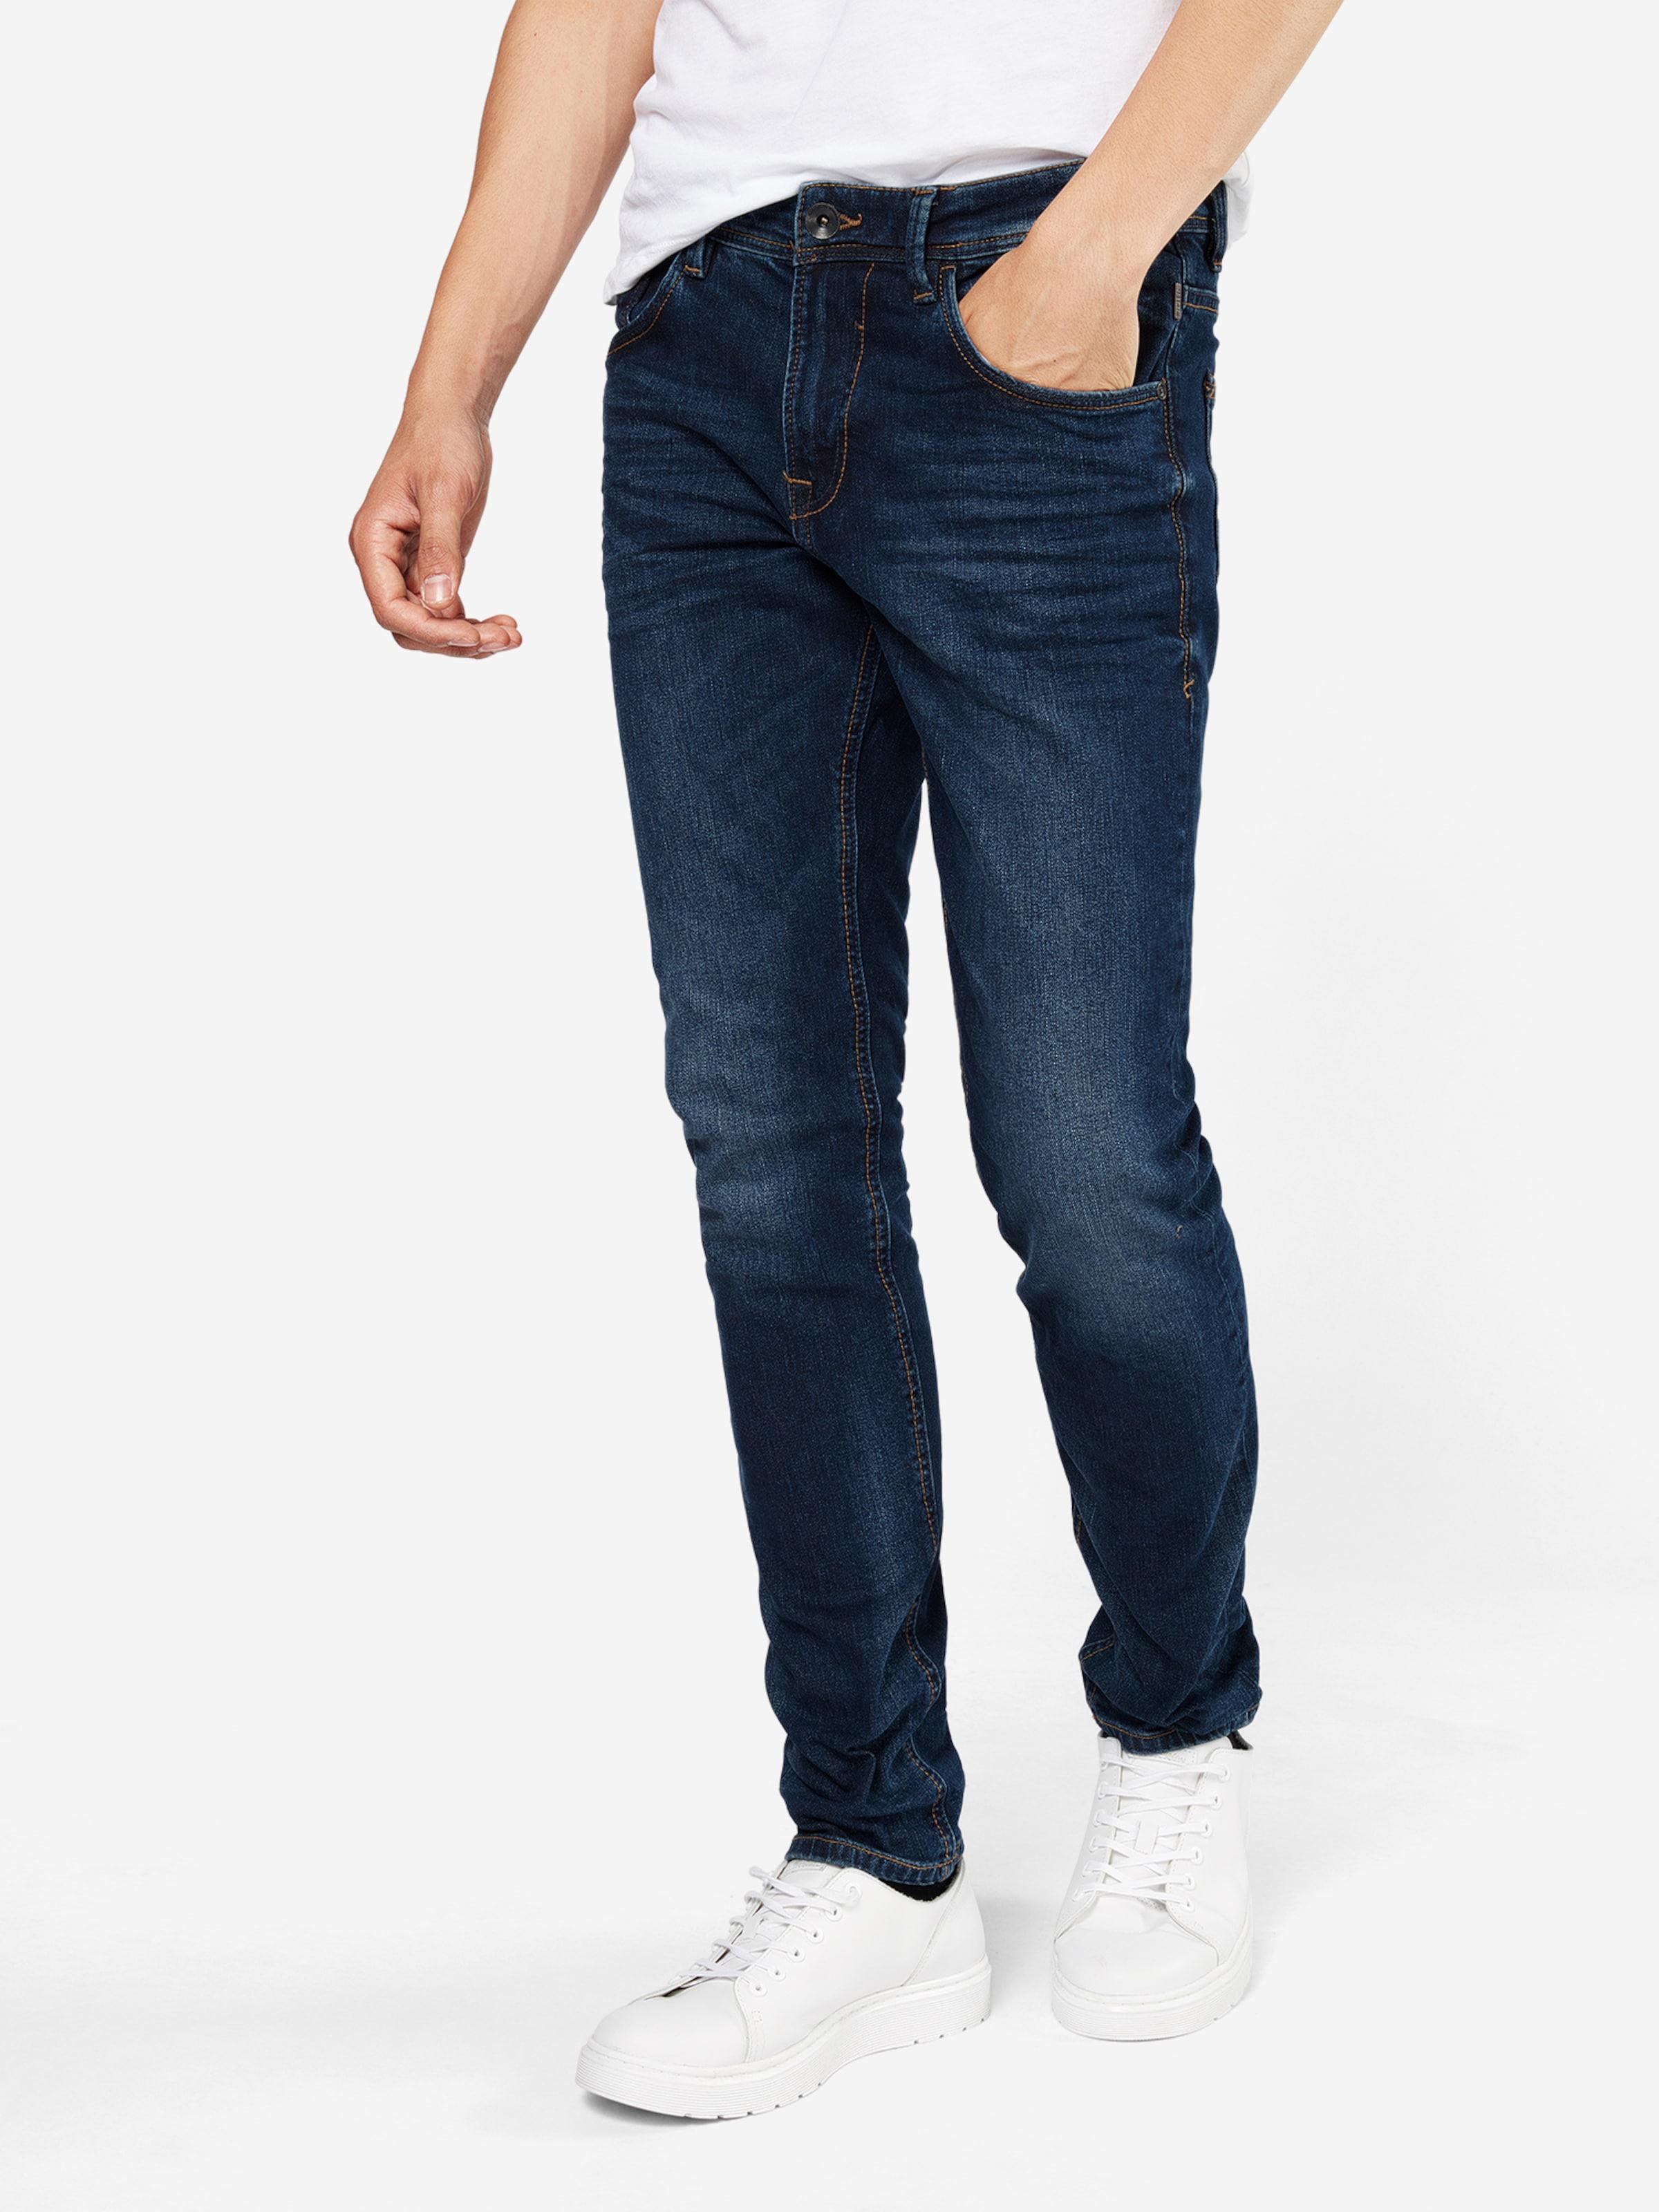 Spielraum Store Erhalten Online Kaufen TOM TAILOR DENIM Jeans 'Skinny CULVER dark stone wash' Original Günstig Online Professionel RF52sbz